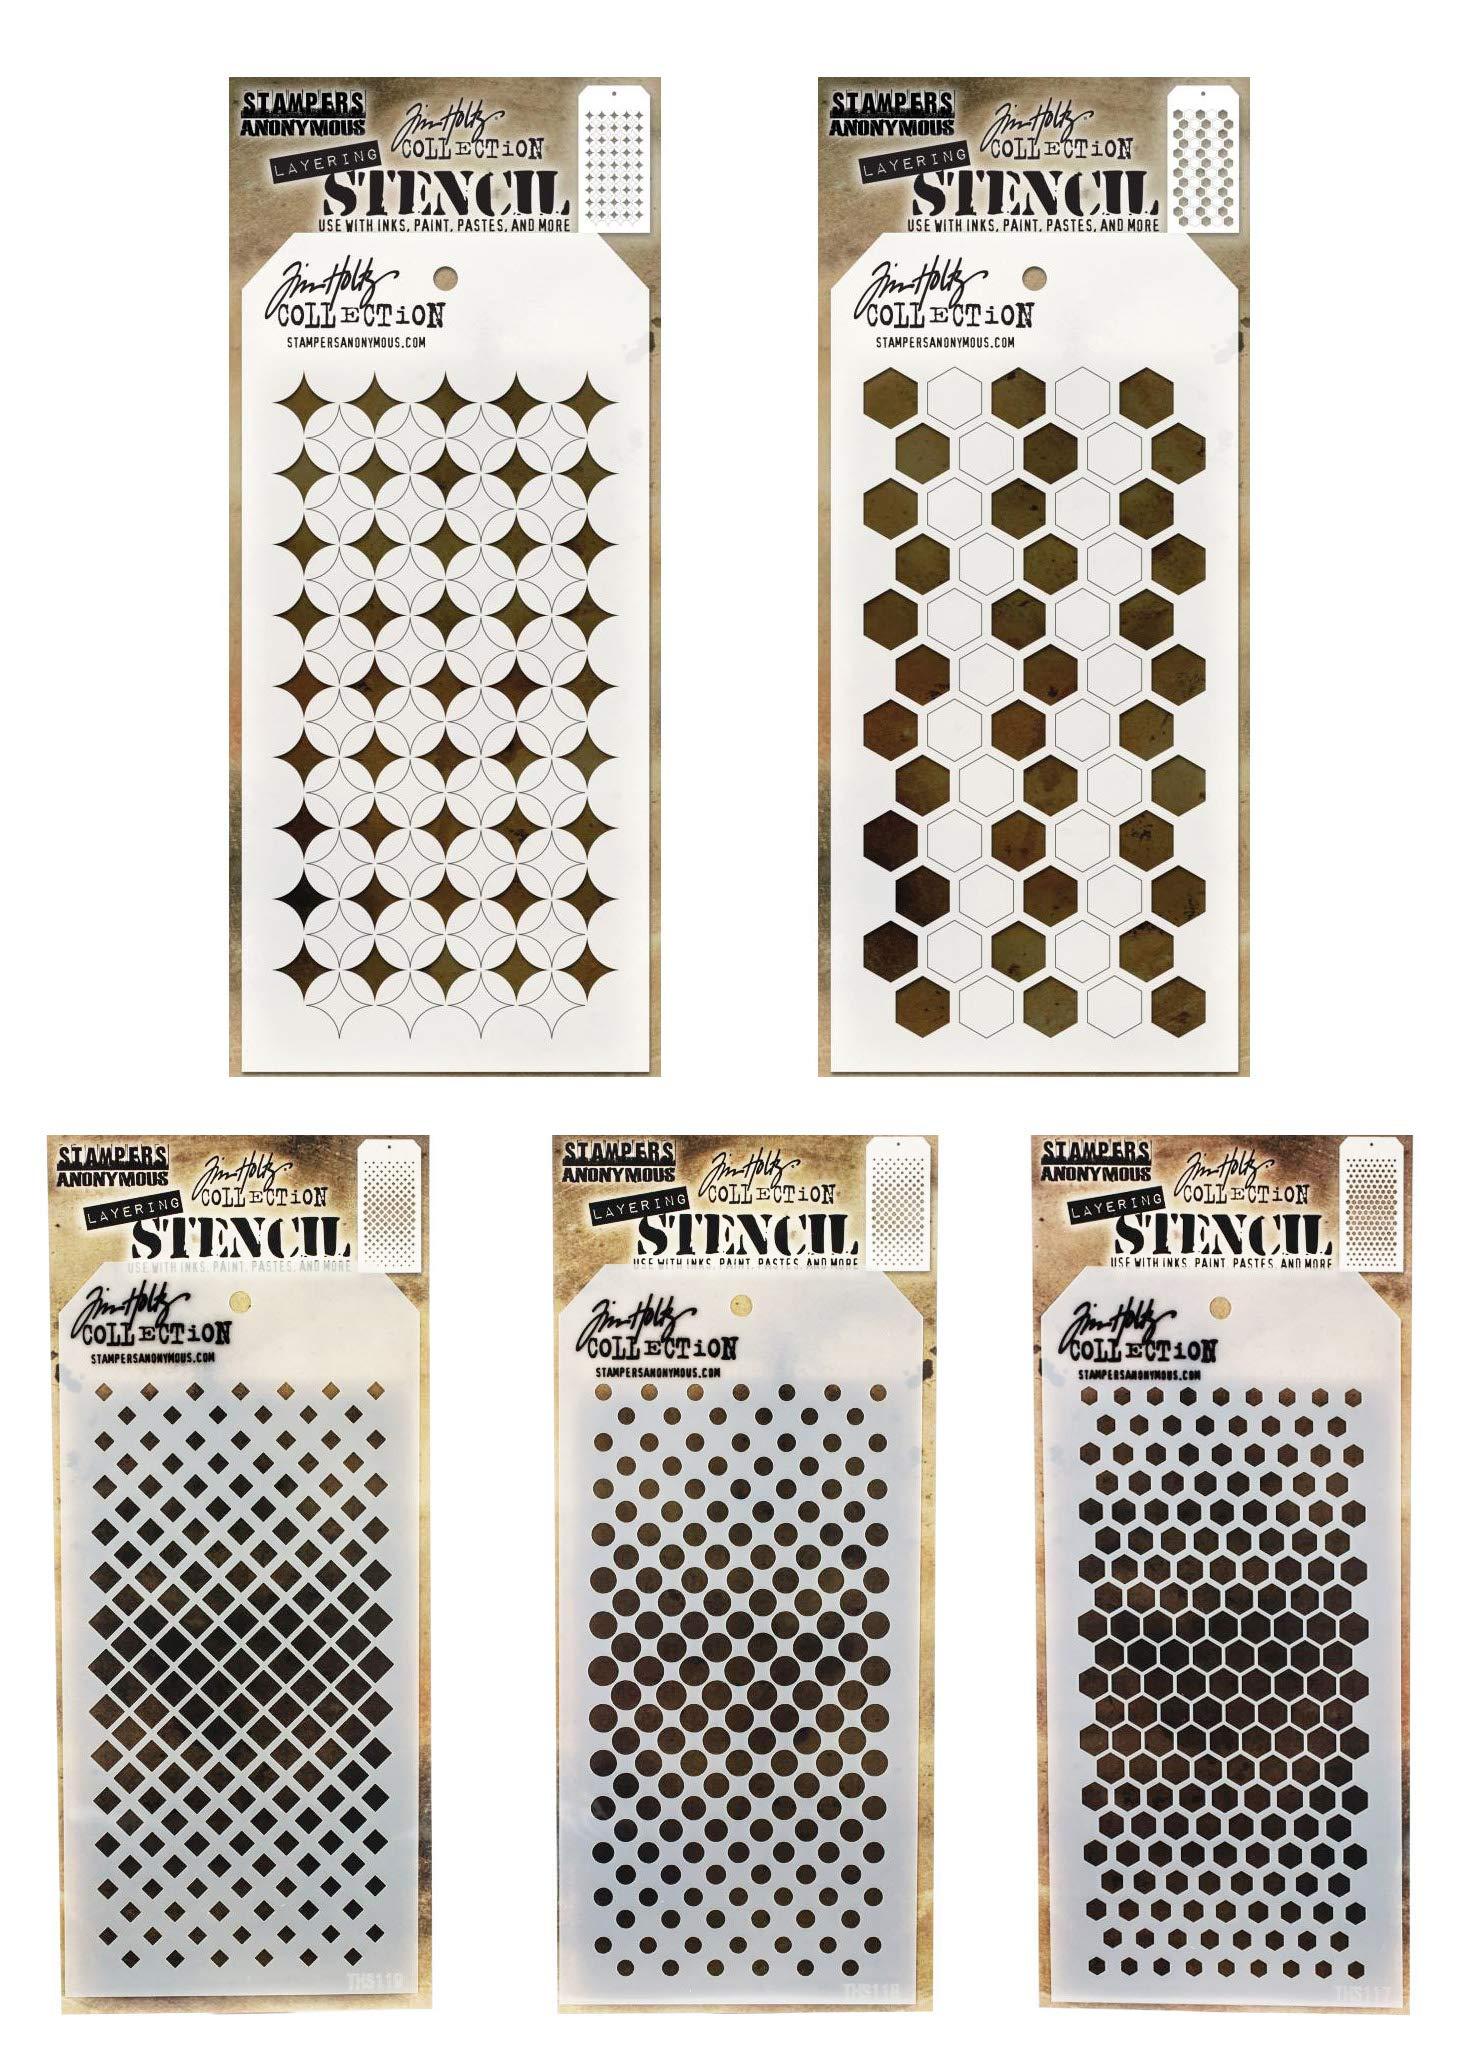 Tim Holtz - Stencils Set 18 - Five Item Bundle - Shifter Burst, Shifter Hex, Gradient Hex, Gradient Square, Gradient Dot by Tim Holtz